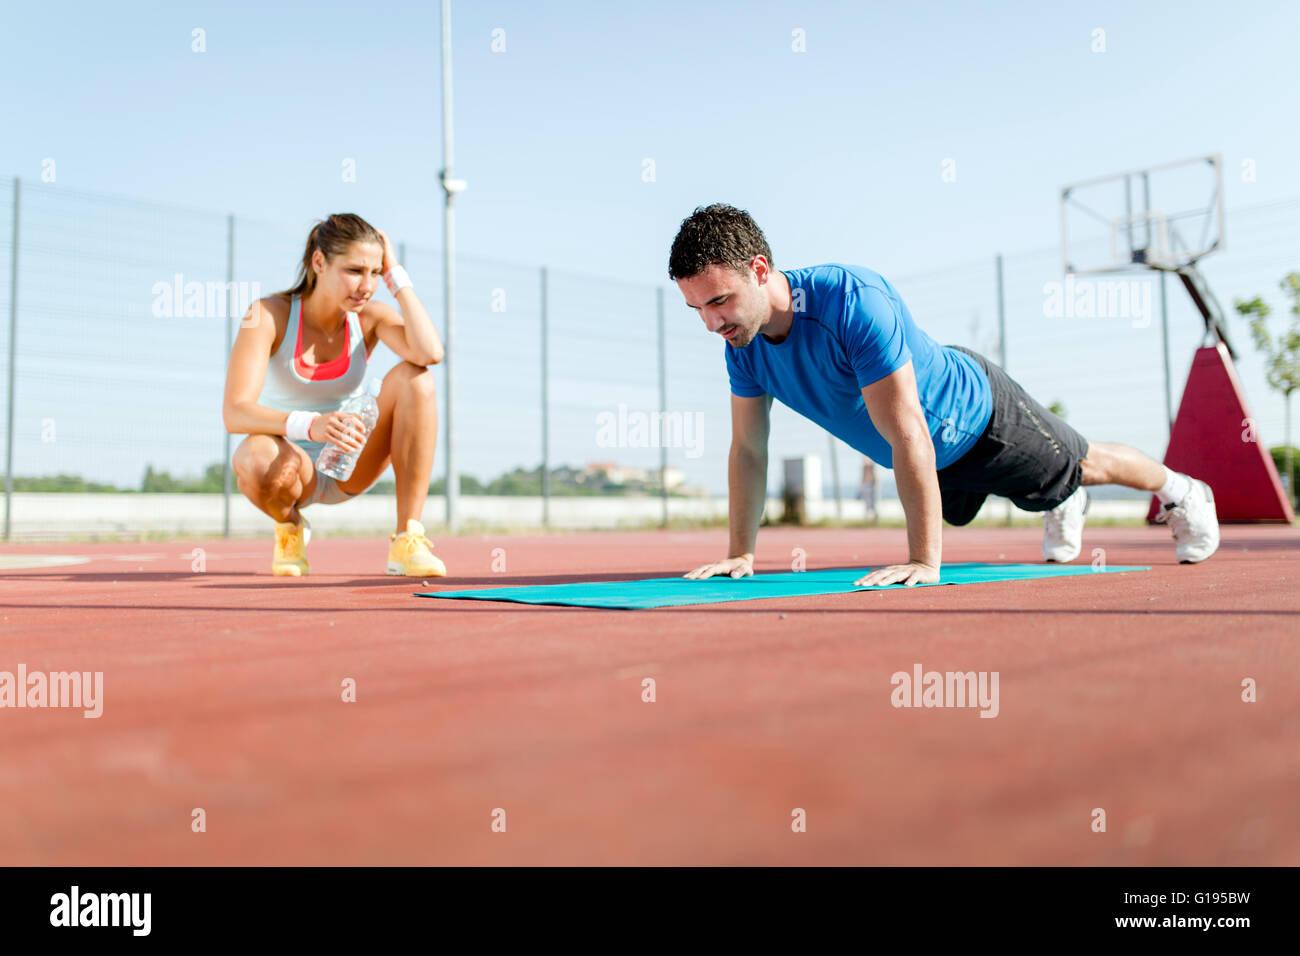 Jóvenes, bellos, sanos y entrenador personal contando push-ups y motivar Foto de stock